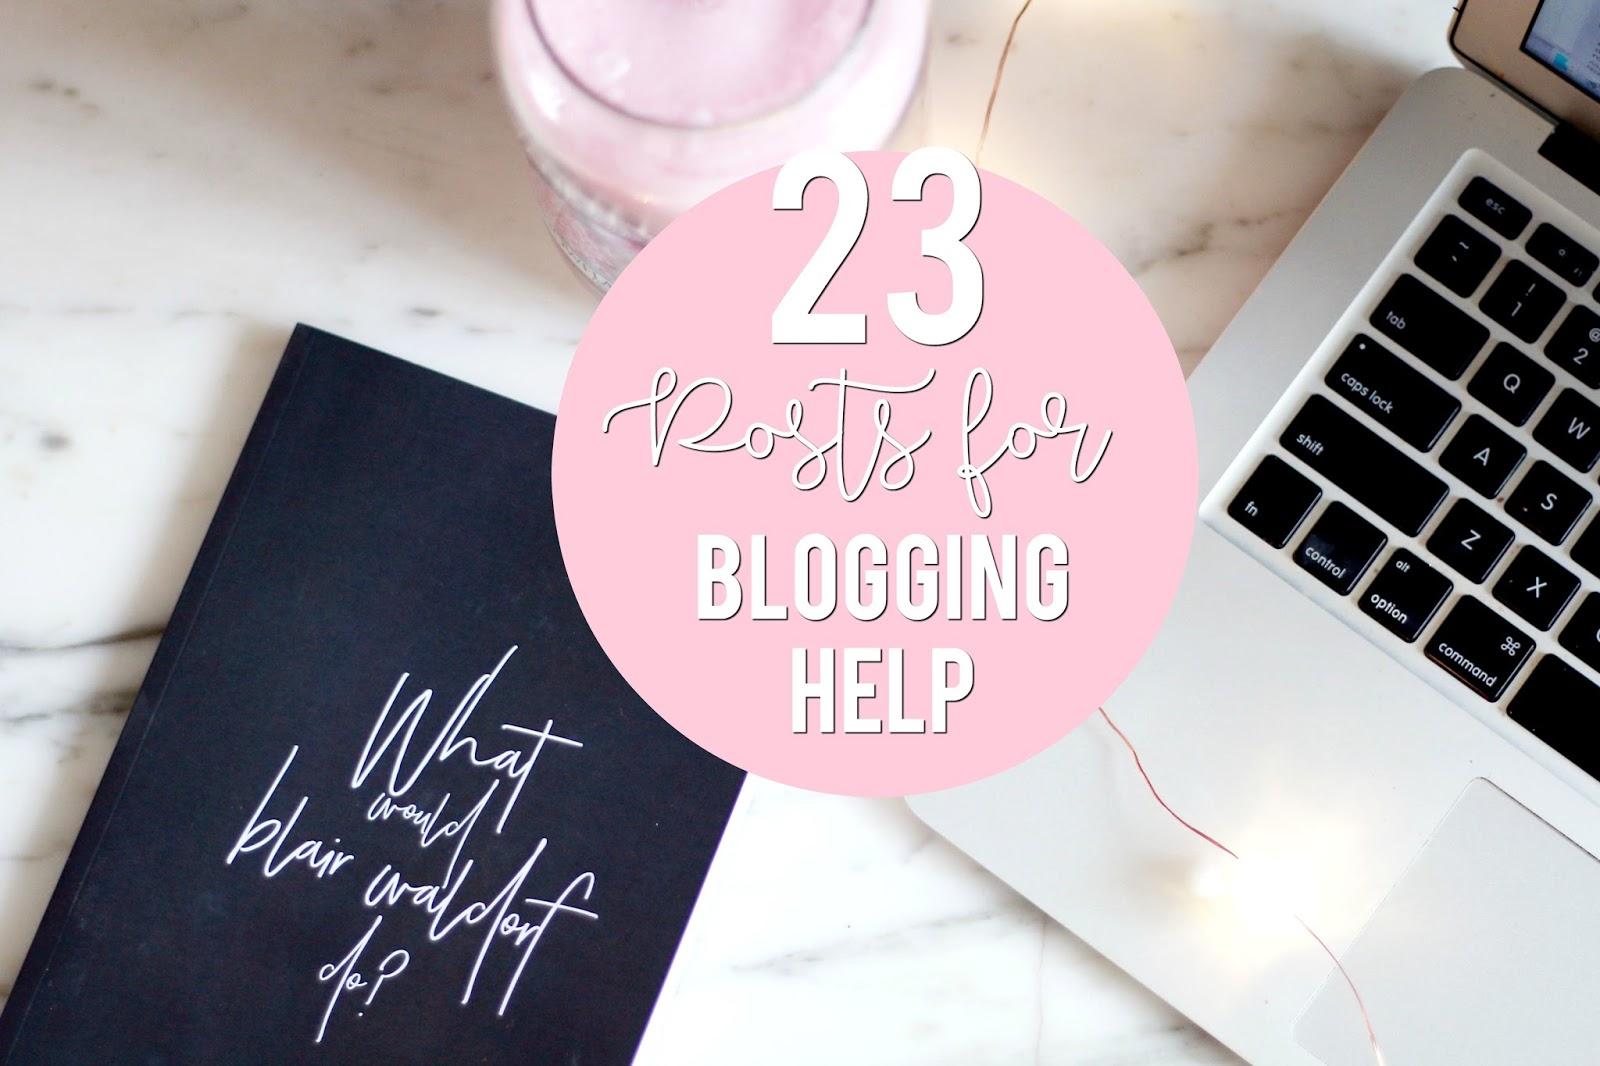 Blogging, Lifestyle, 23 posts for blogging help, blog advice, blogging help